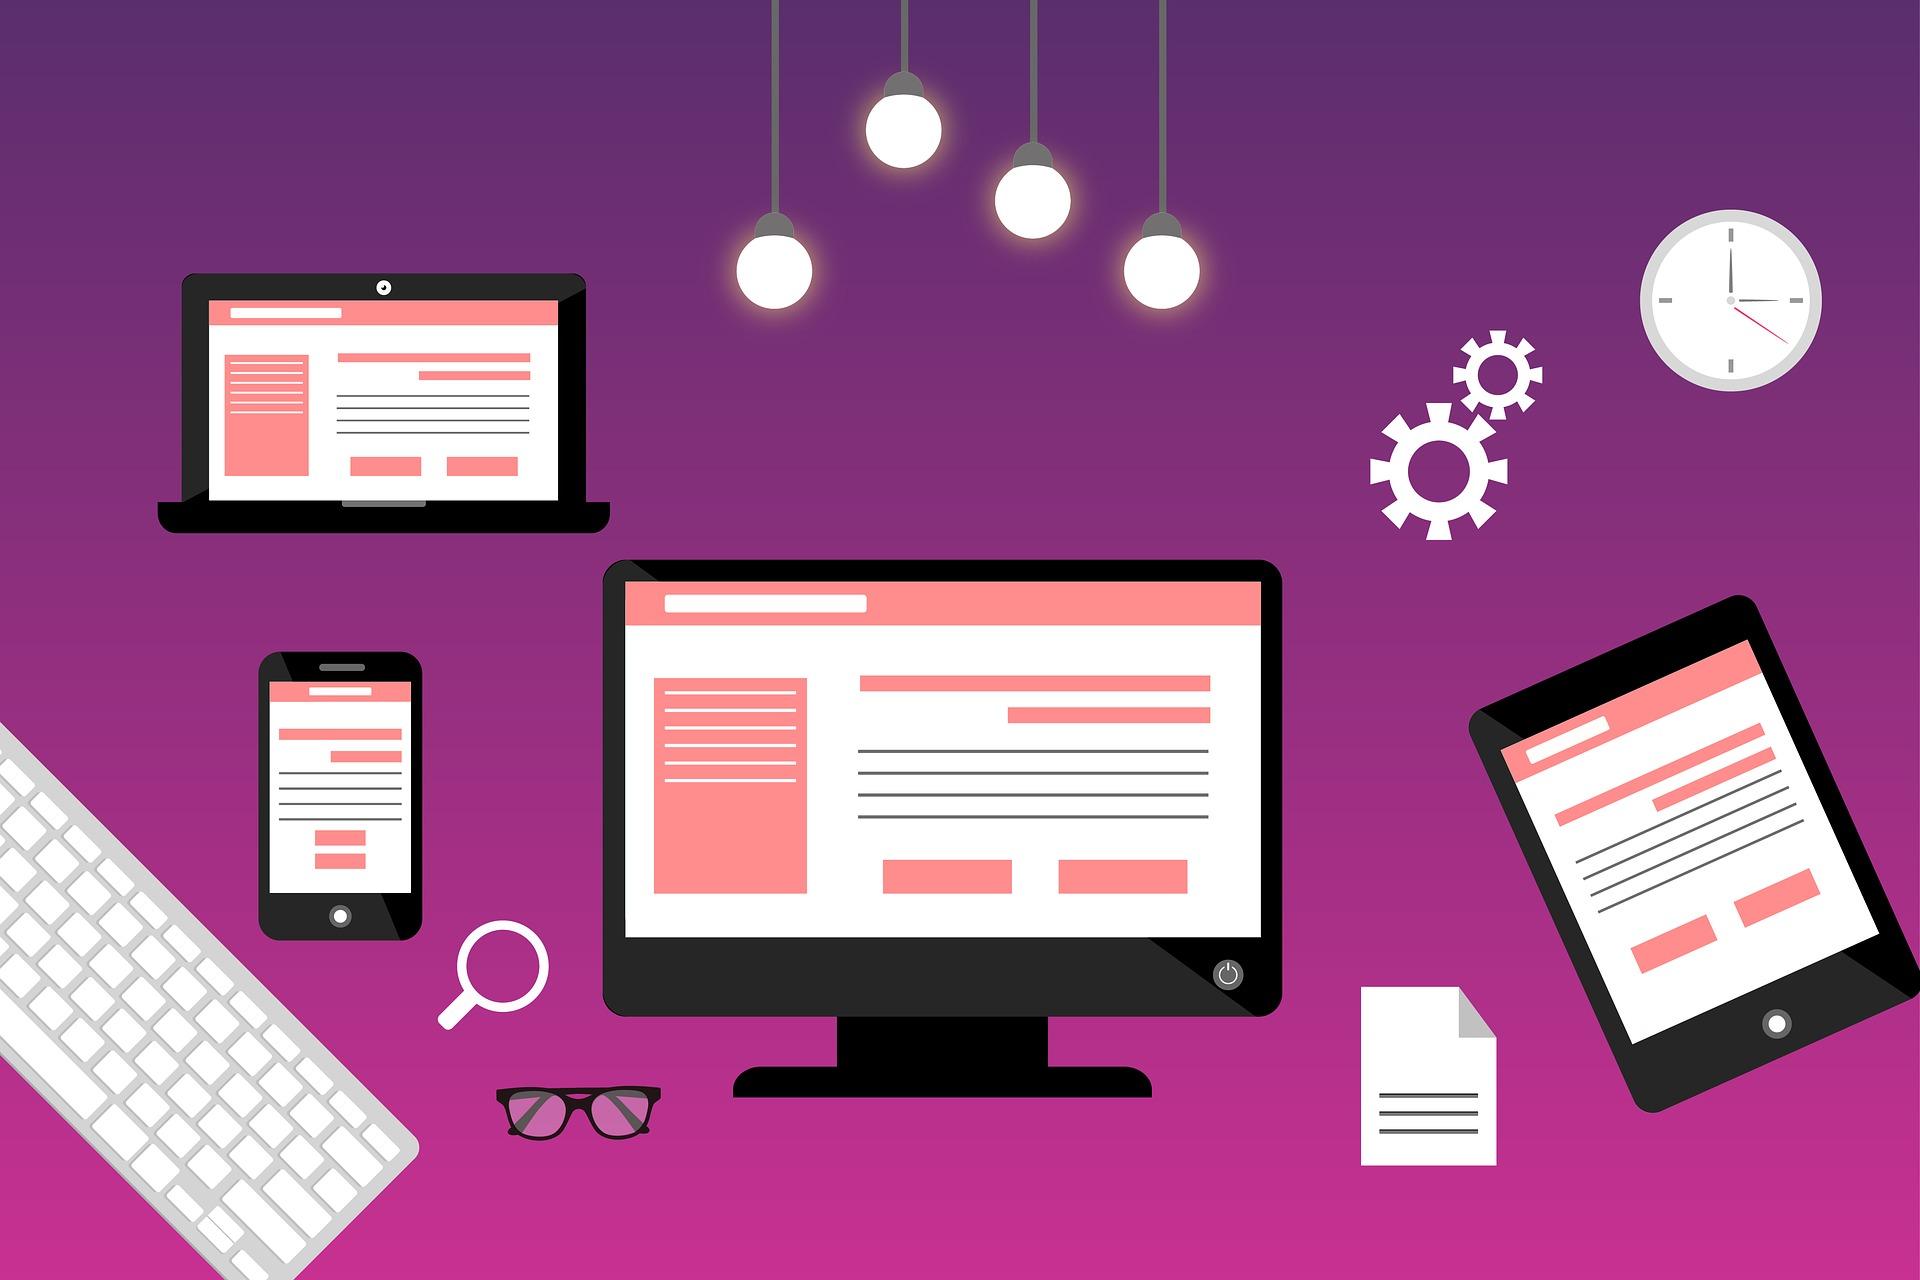 Webデザイナーに必要なスキルとは?おすすめの動画教材を紹介